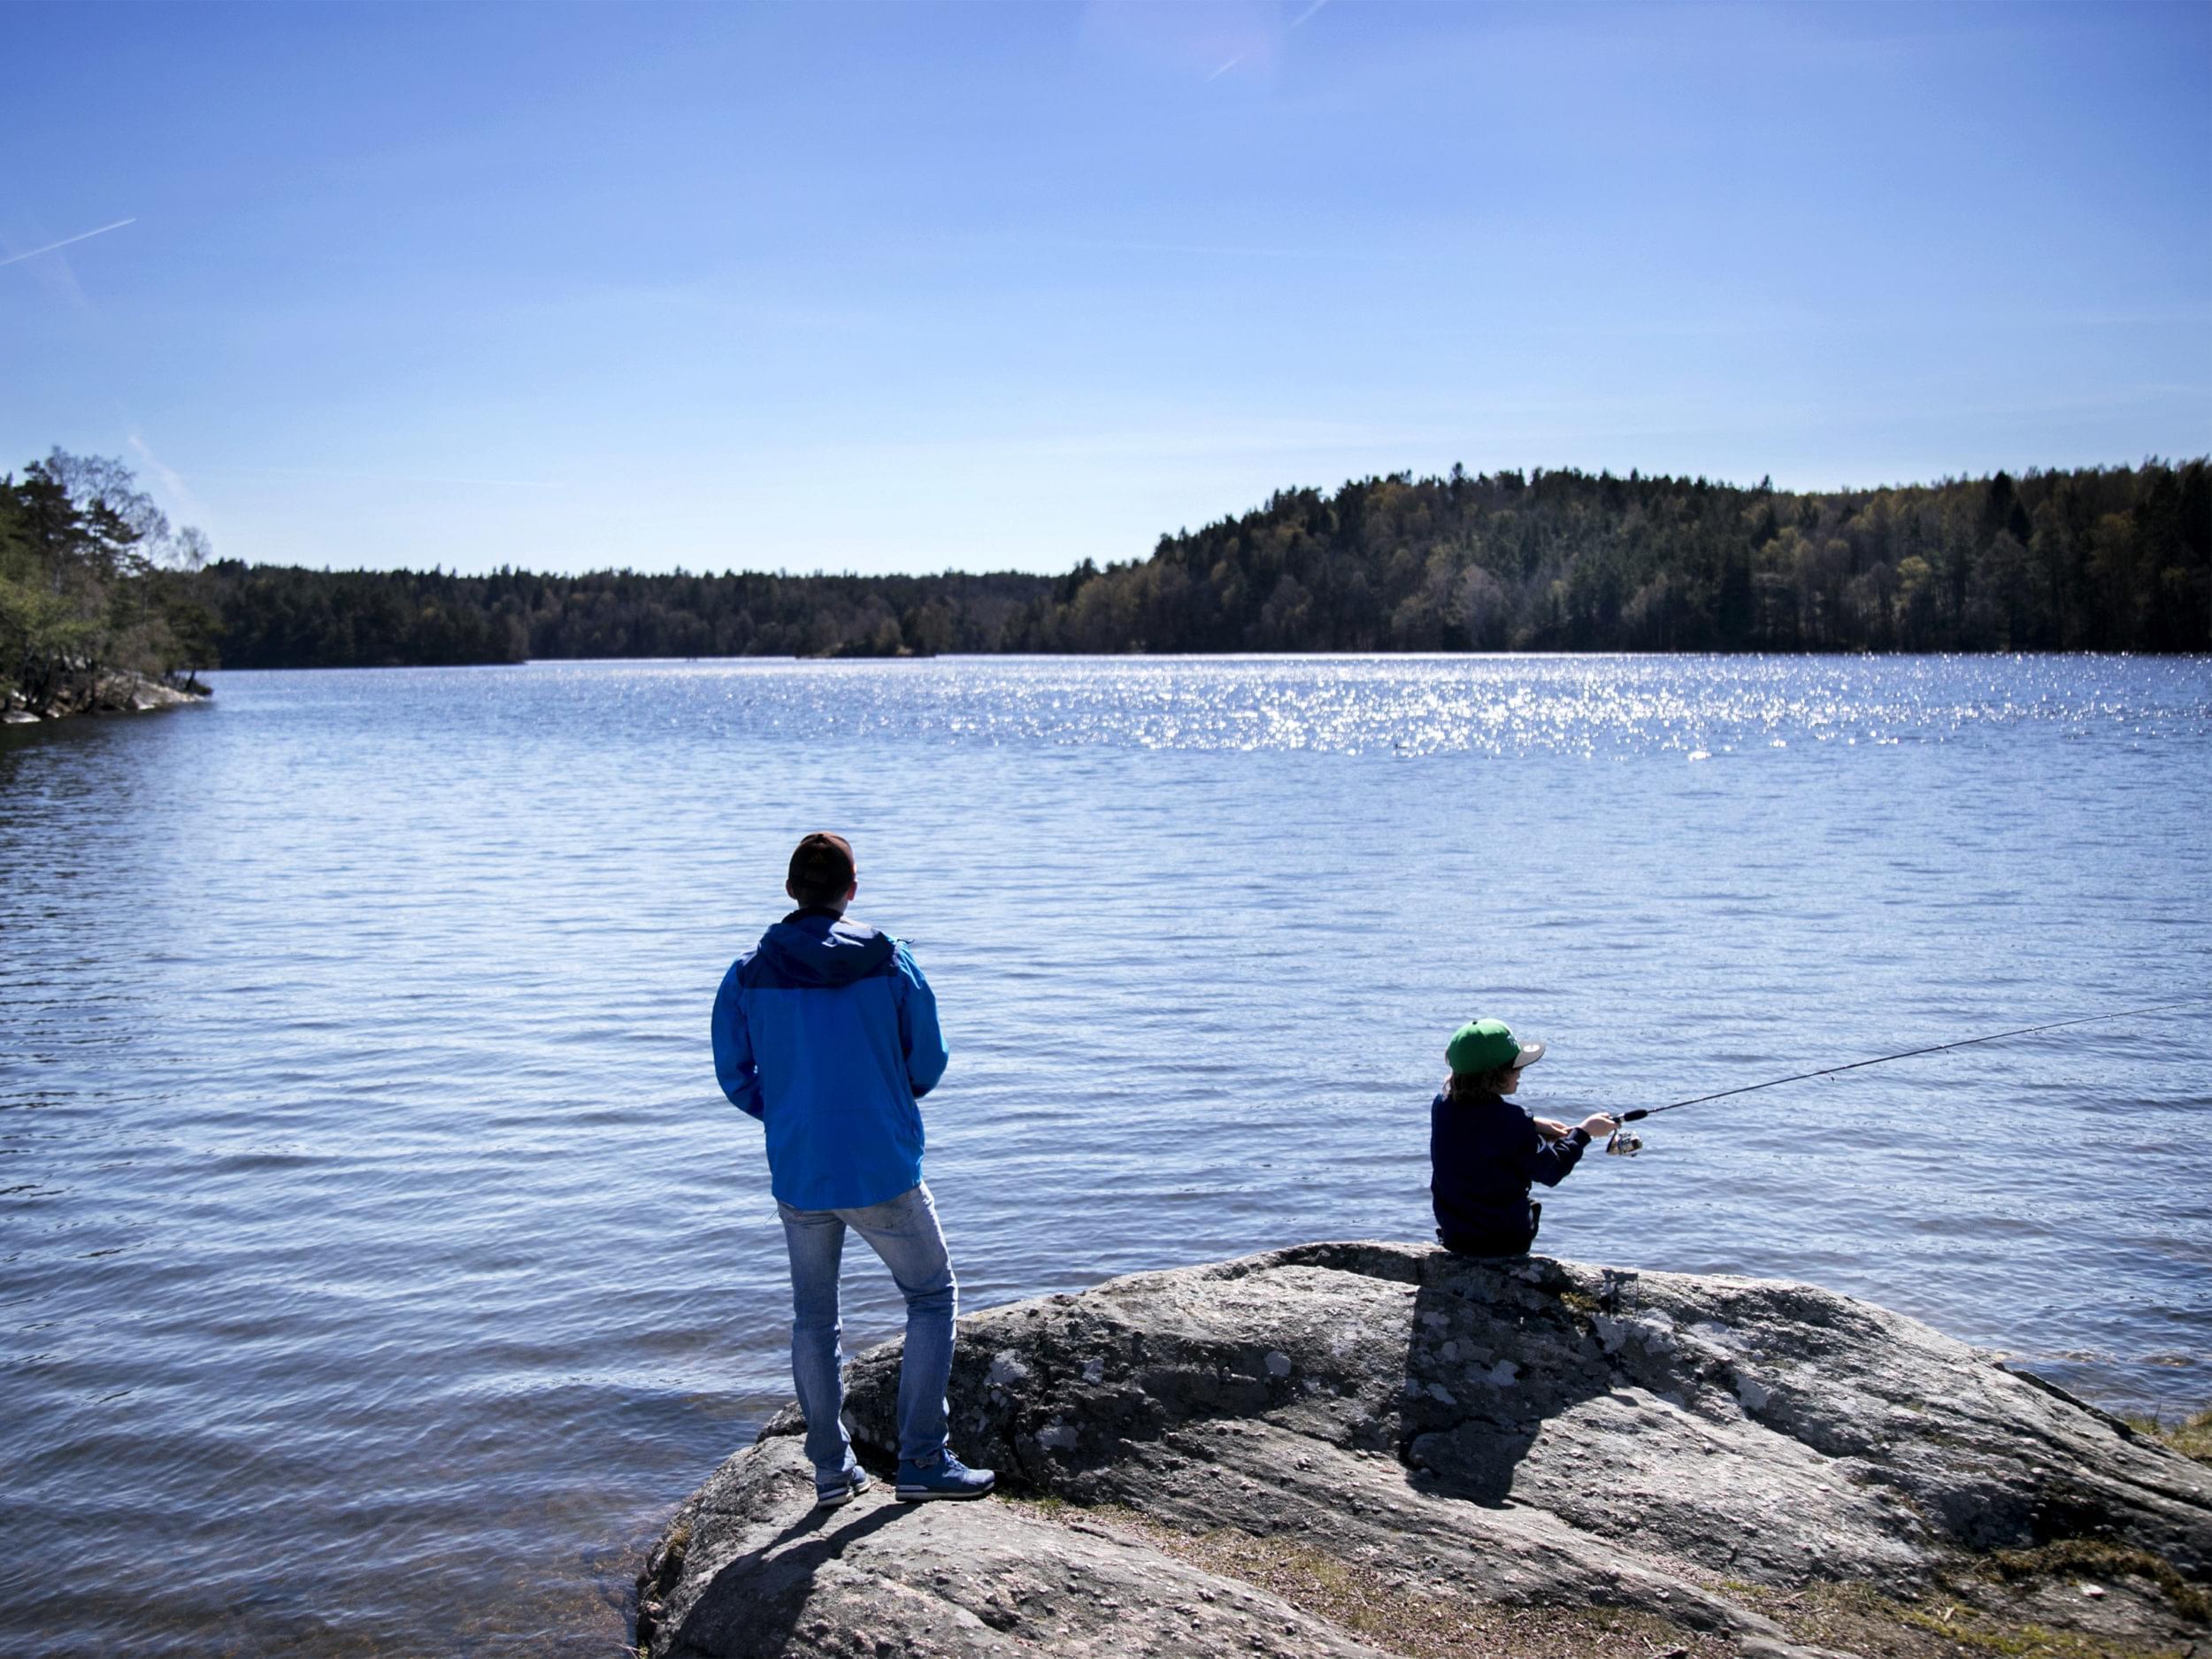 Vuxen och barn fiskar i en insjö.